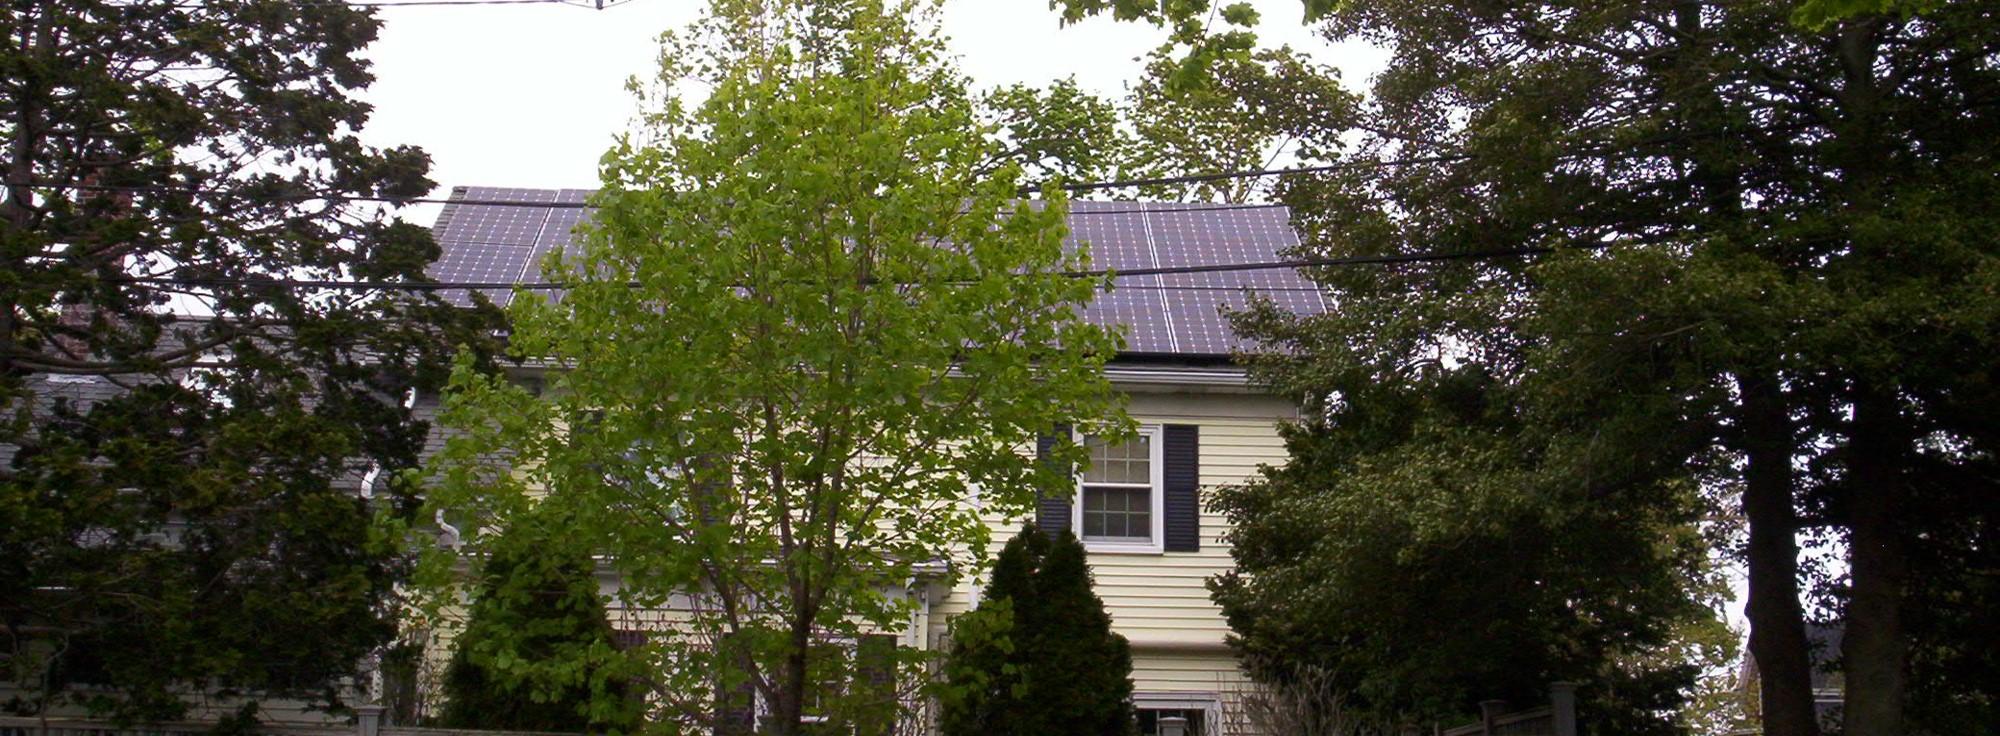 Borger_Picture 1_Solar Panels_JPEG